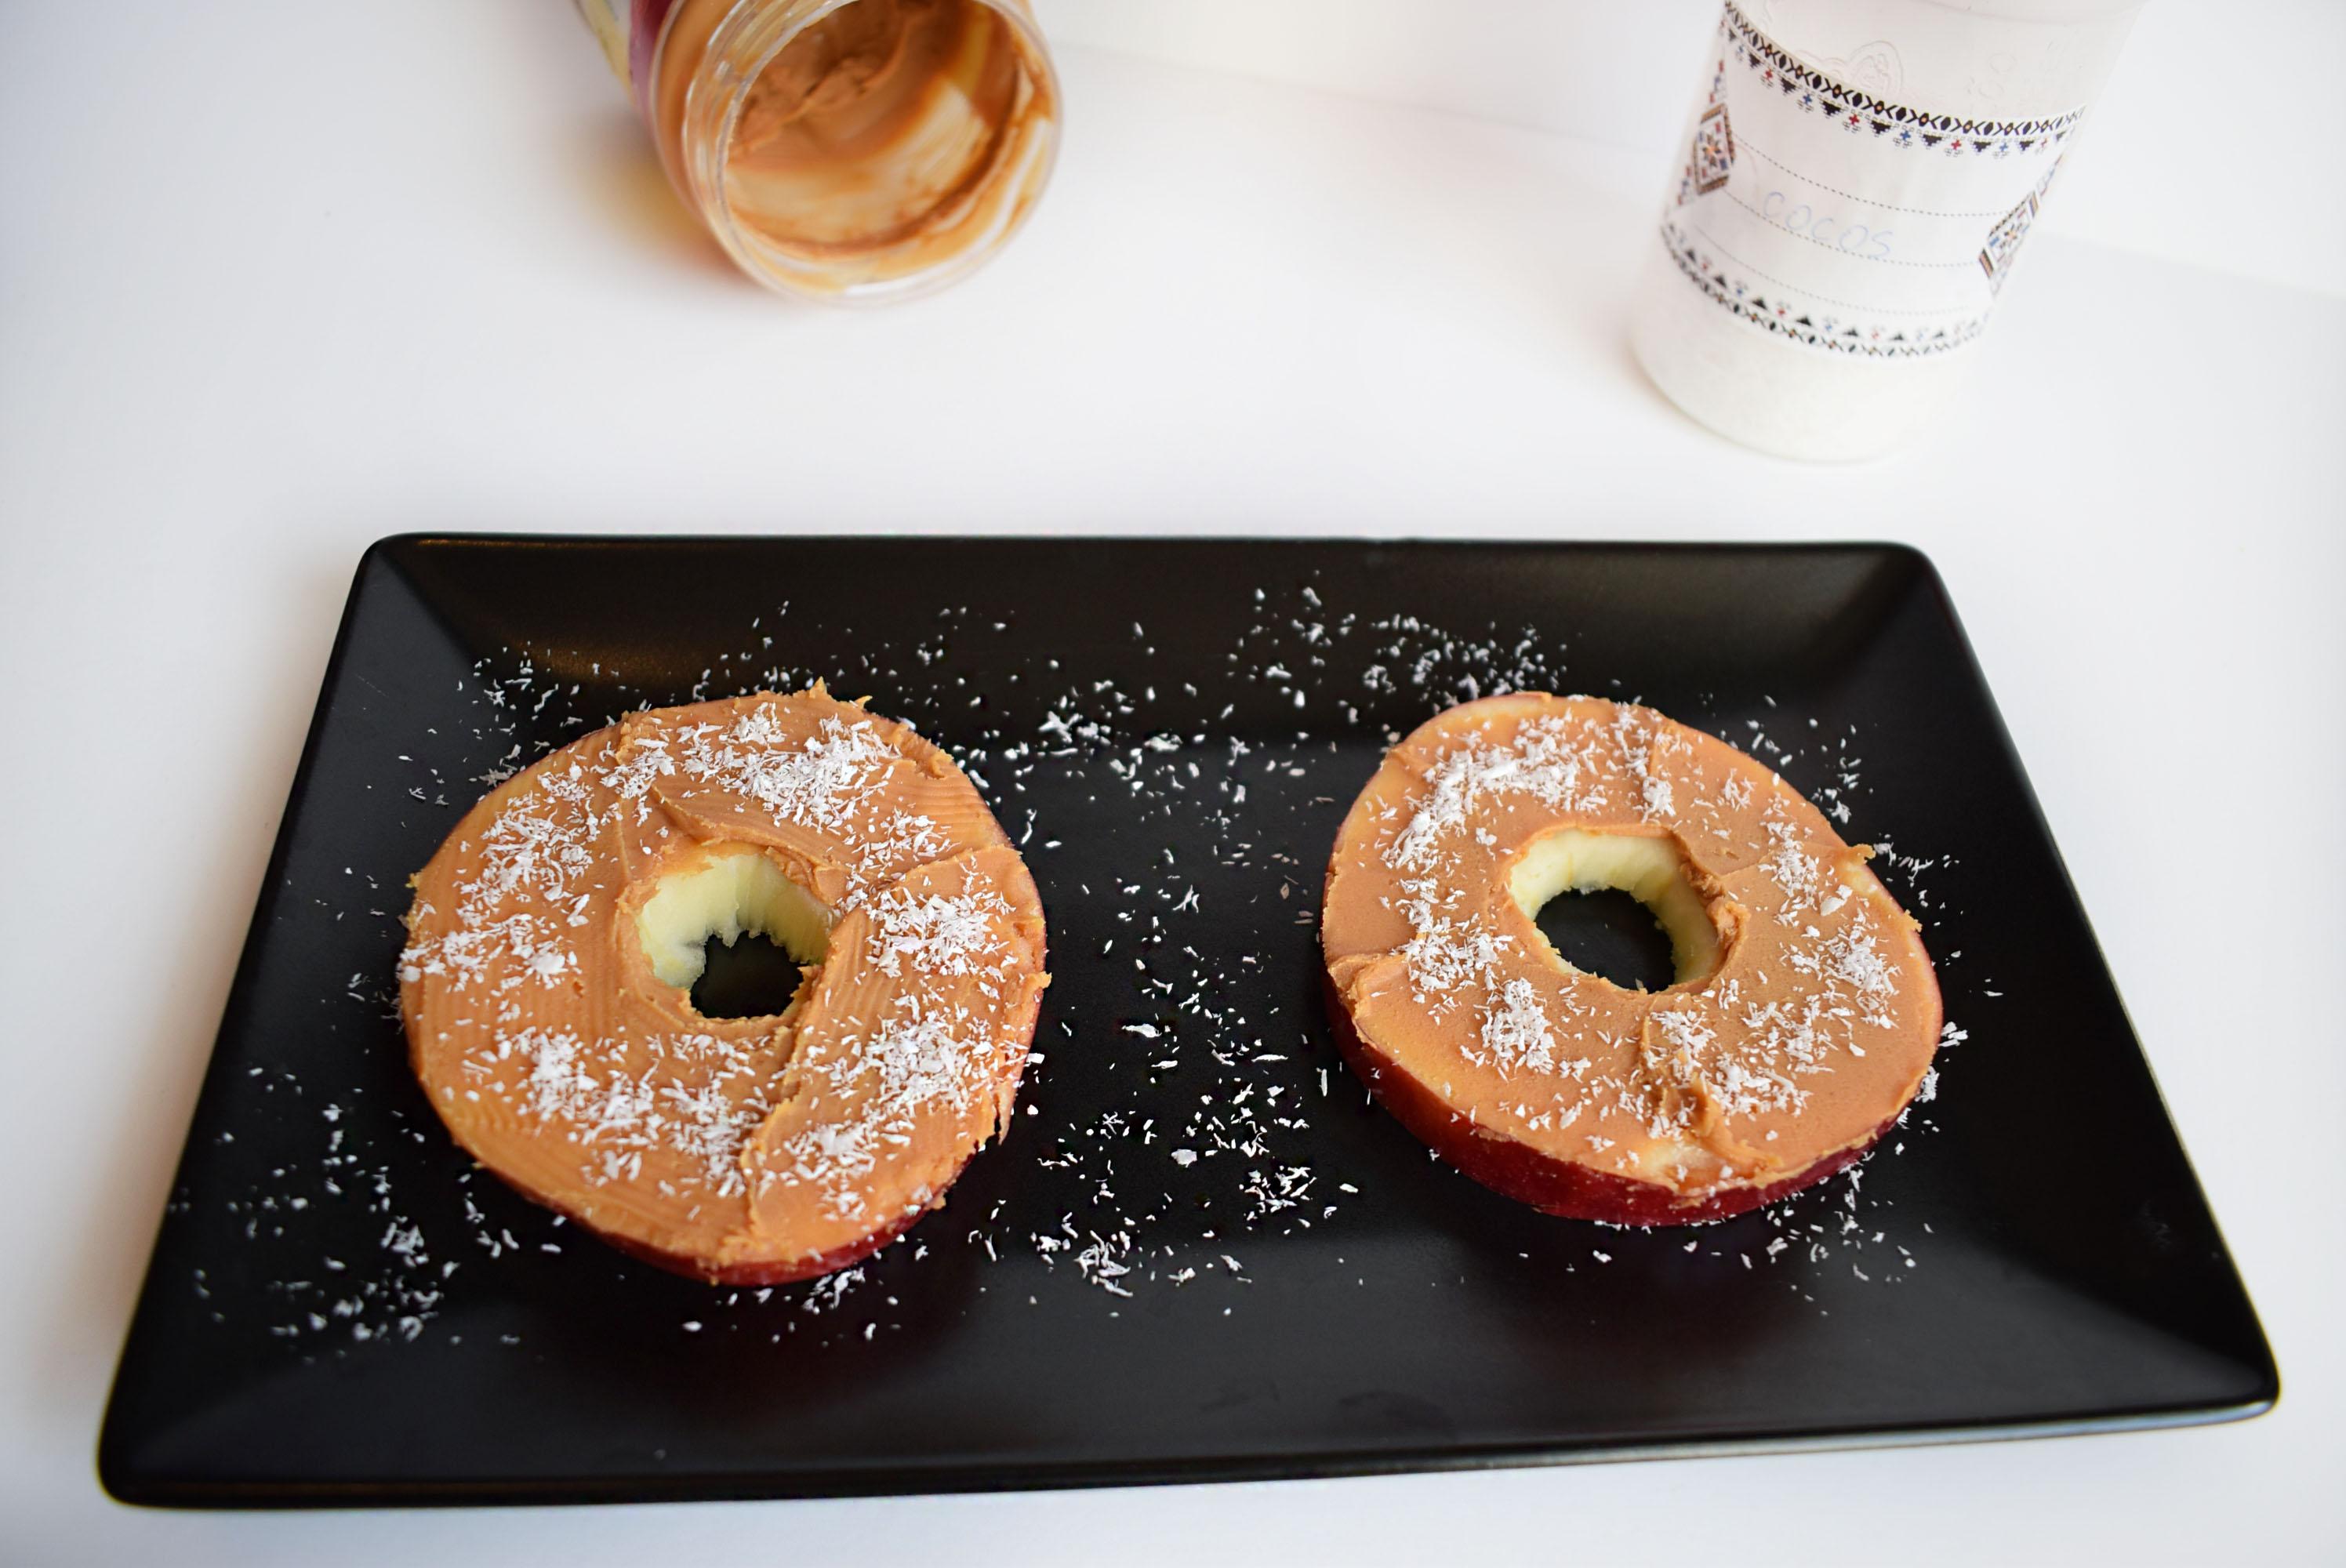 gustari cu unt de arahide - inele de mere 2 - foodieopedia